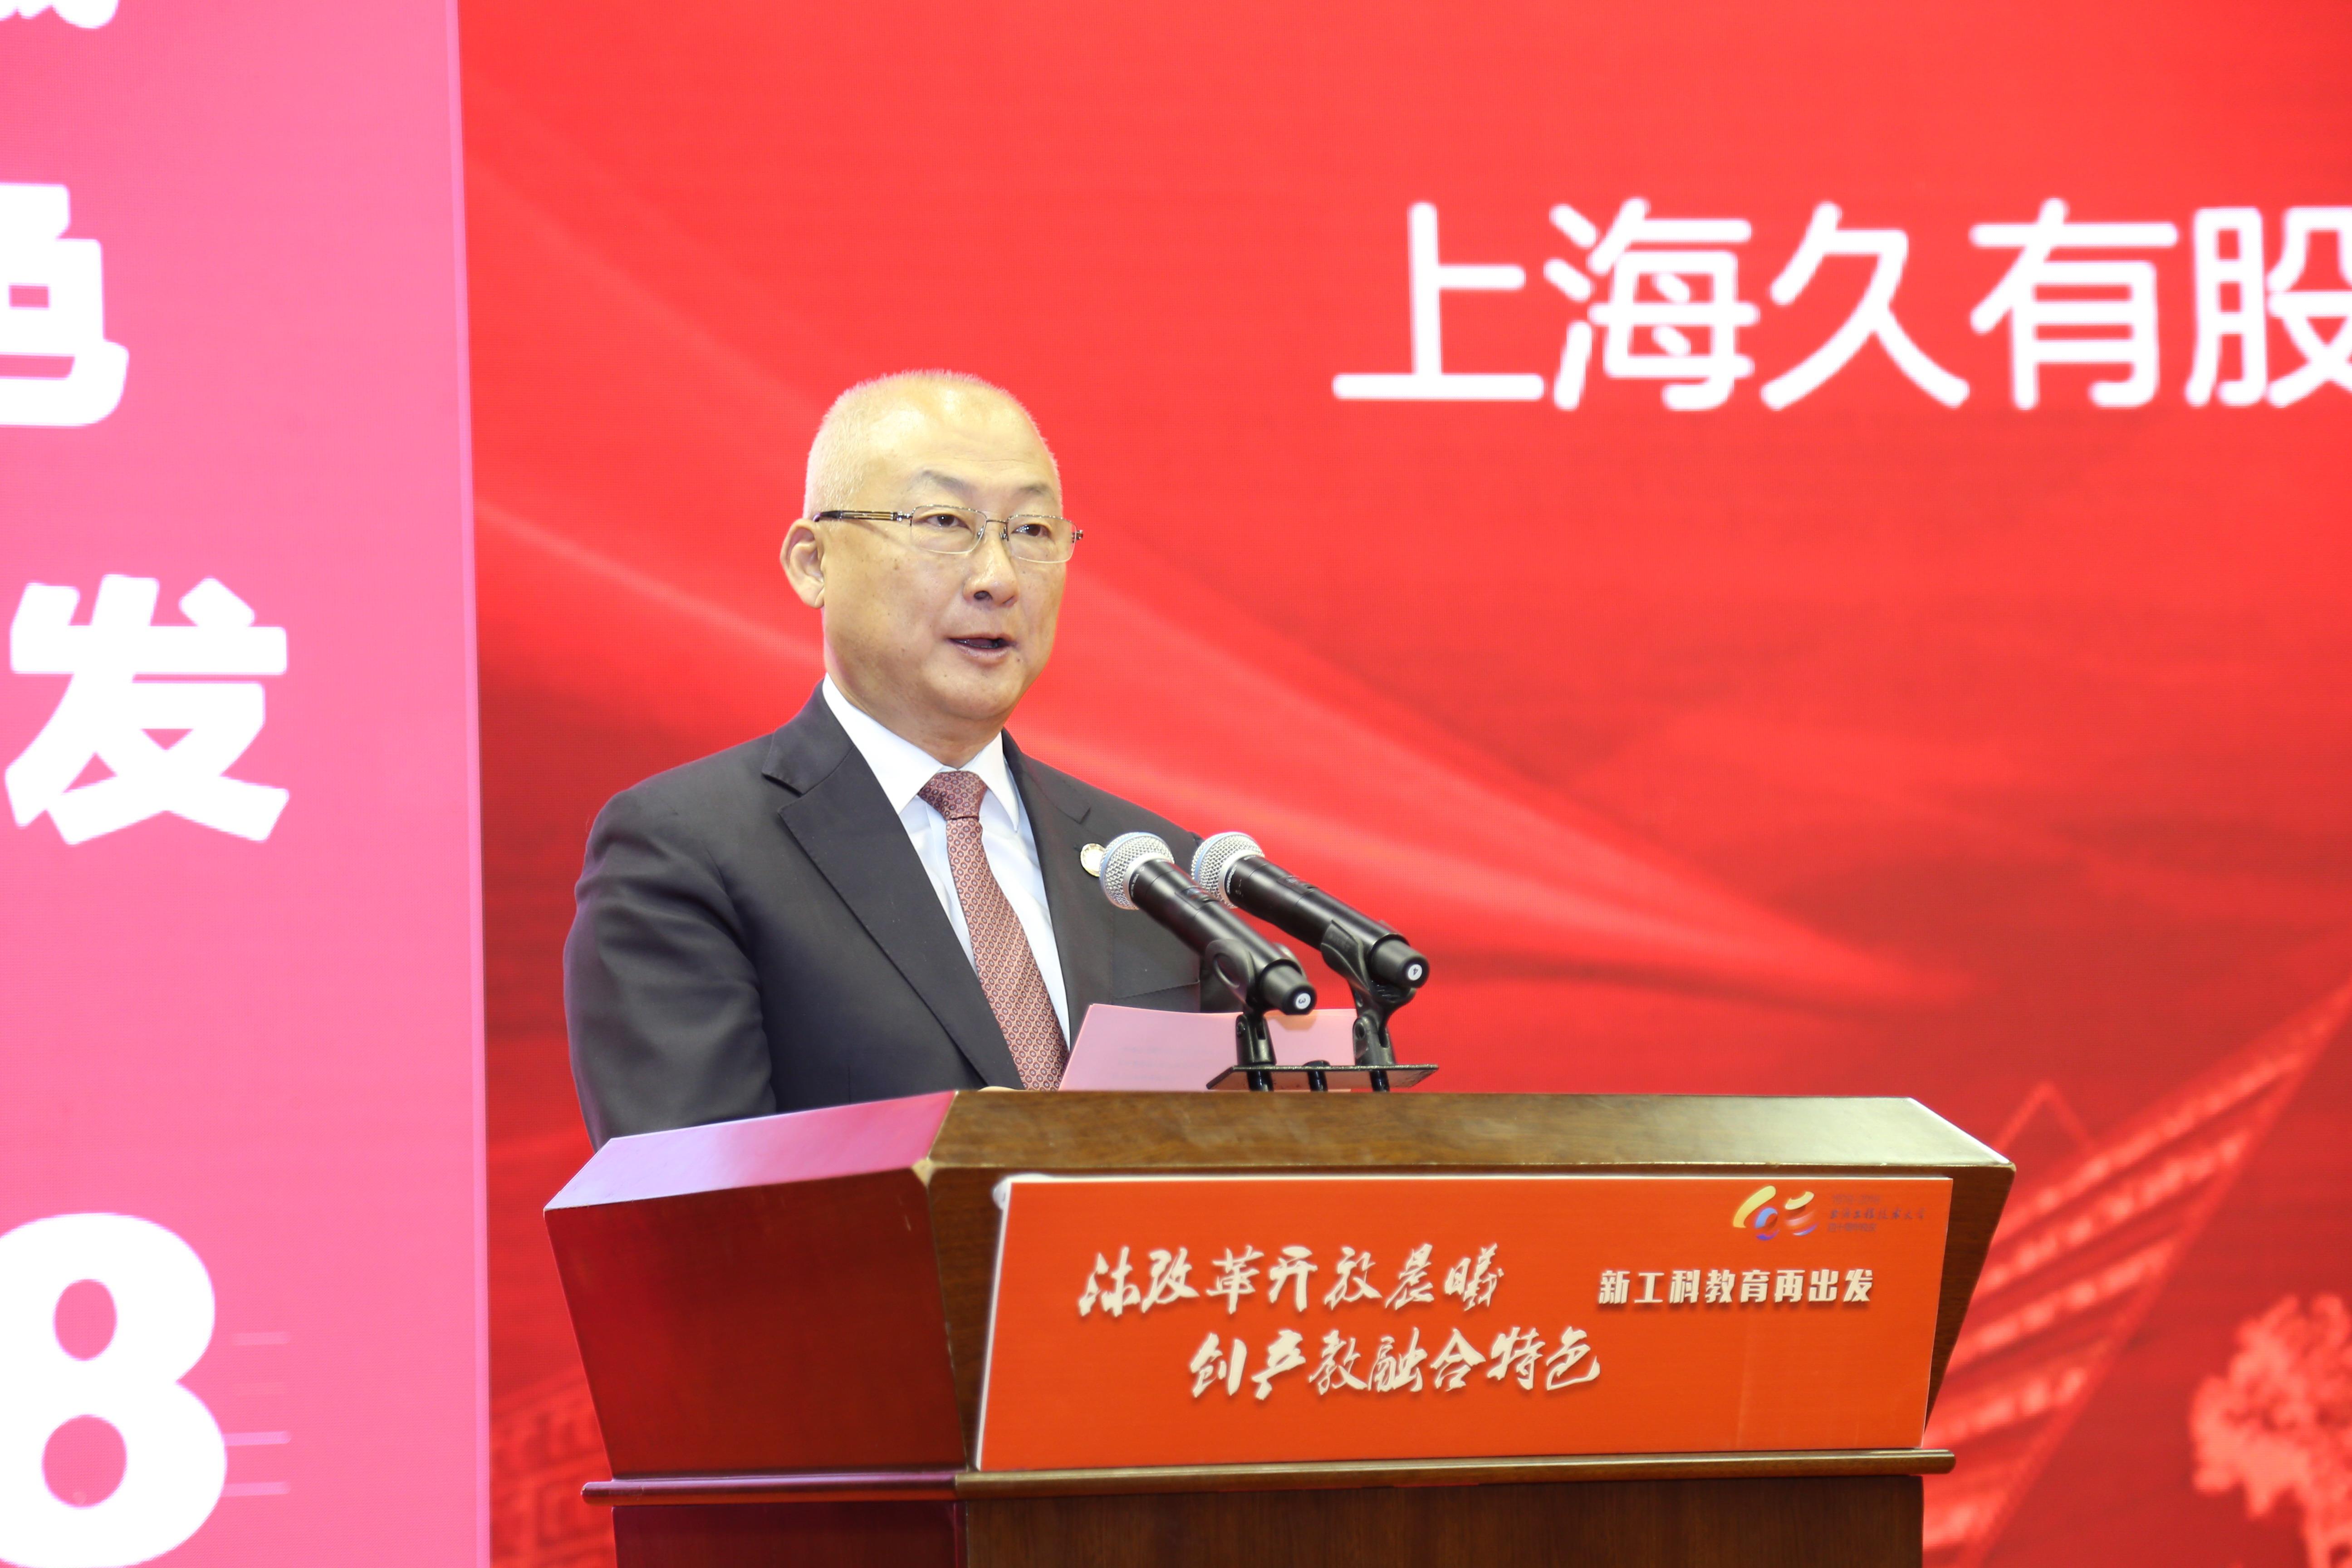 """上海工程技术大学""""产教融合国际合作,承四十载办学传统,铸新工科教育"""